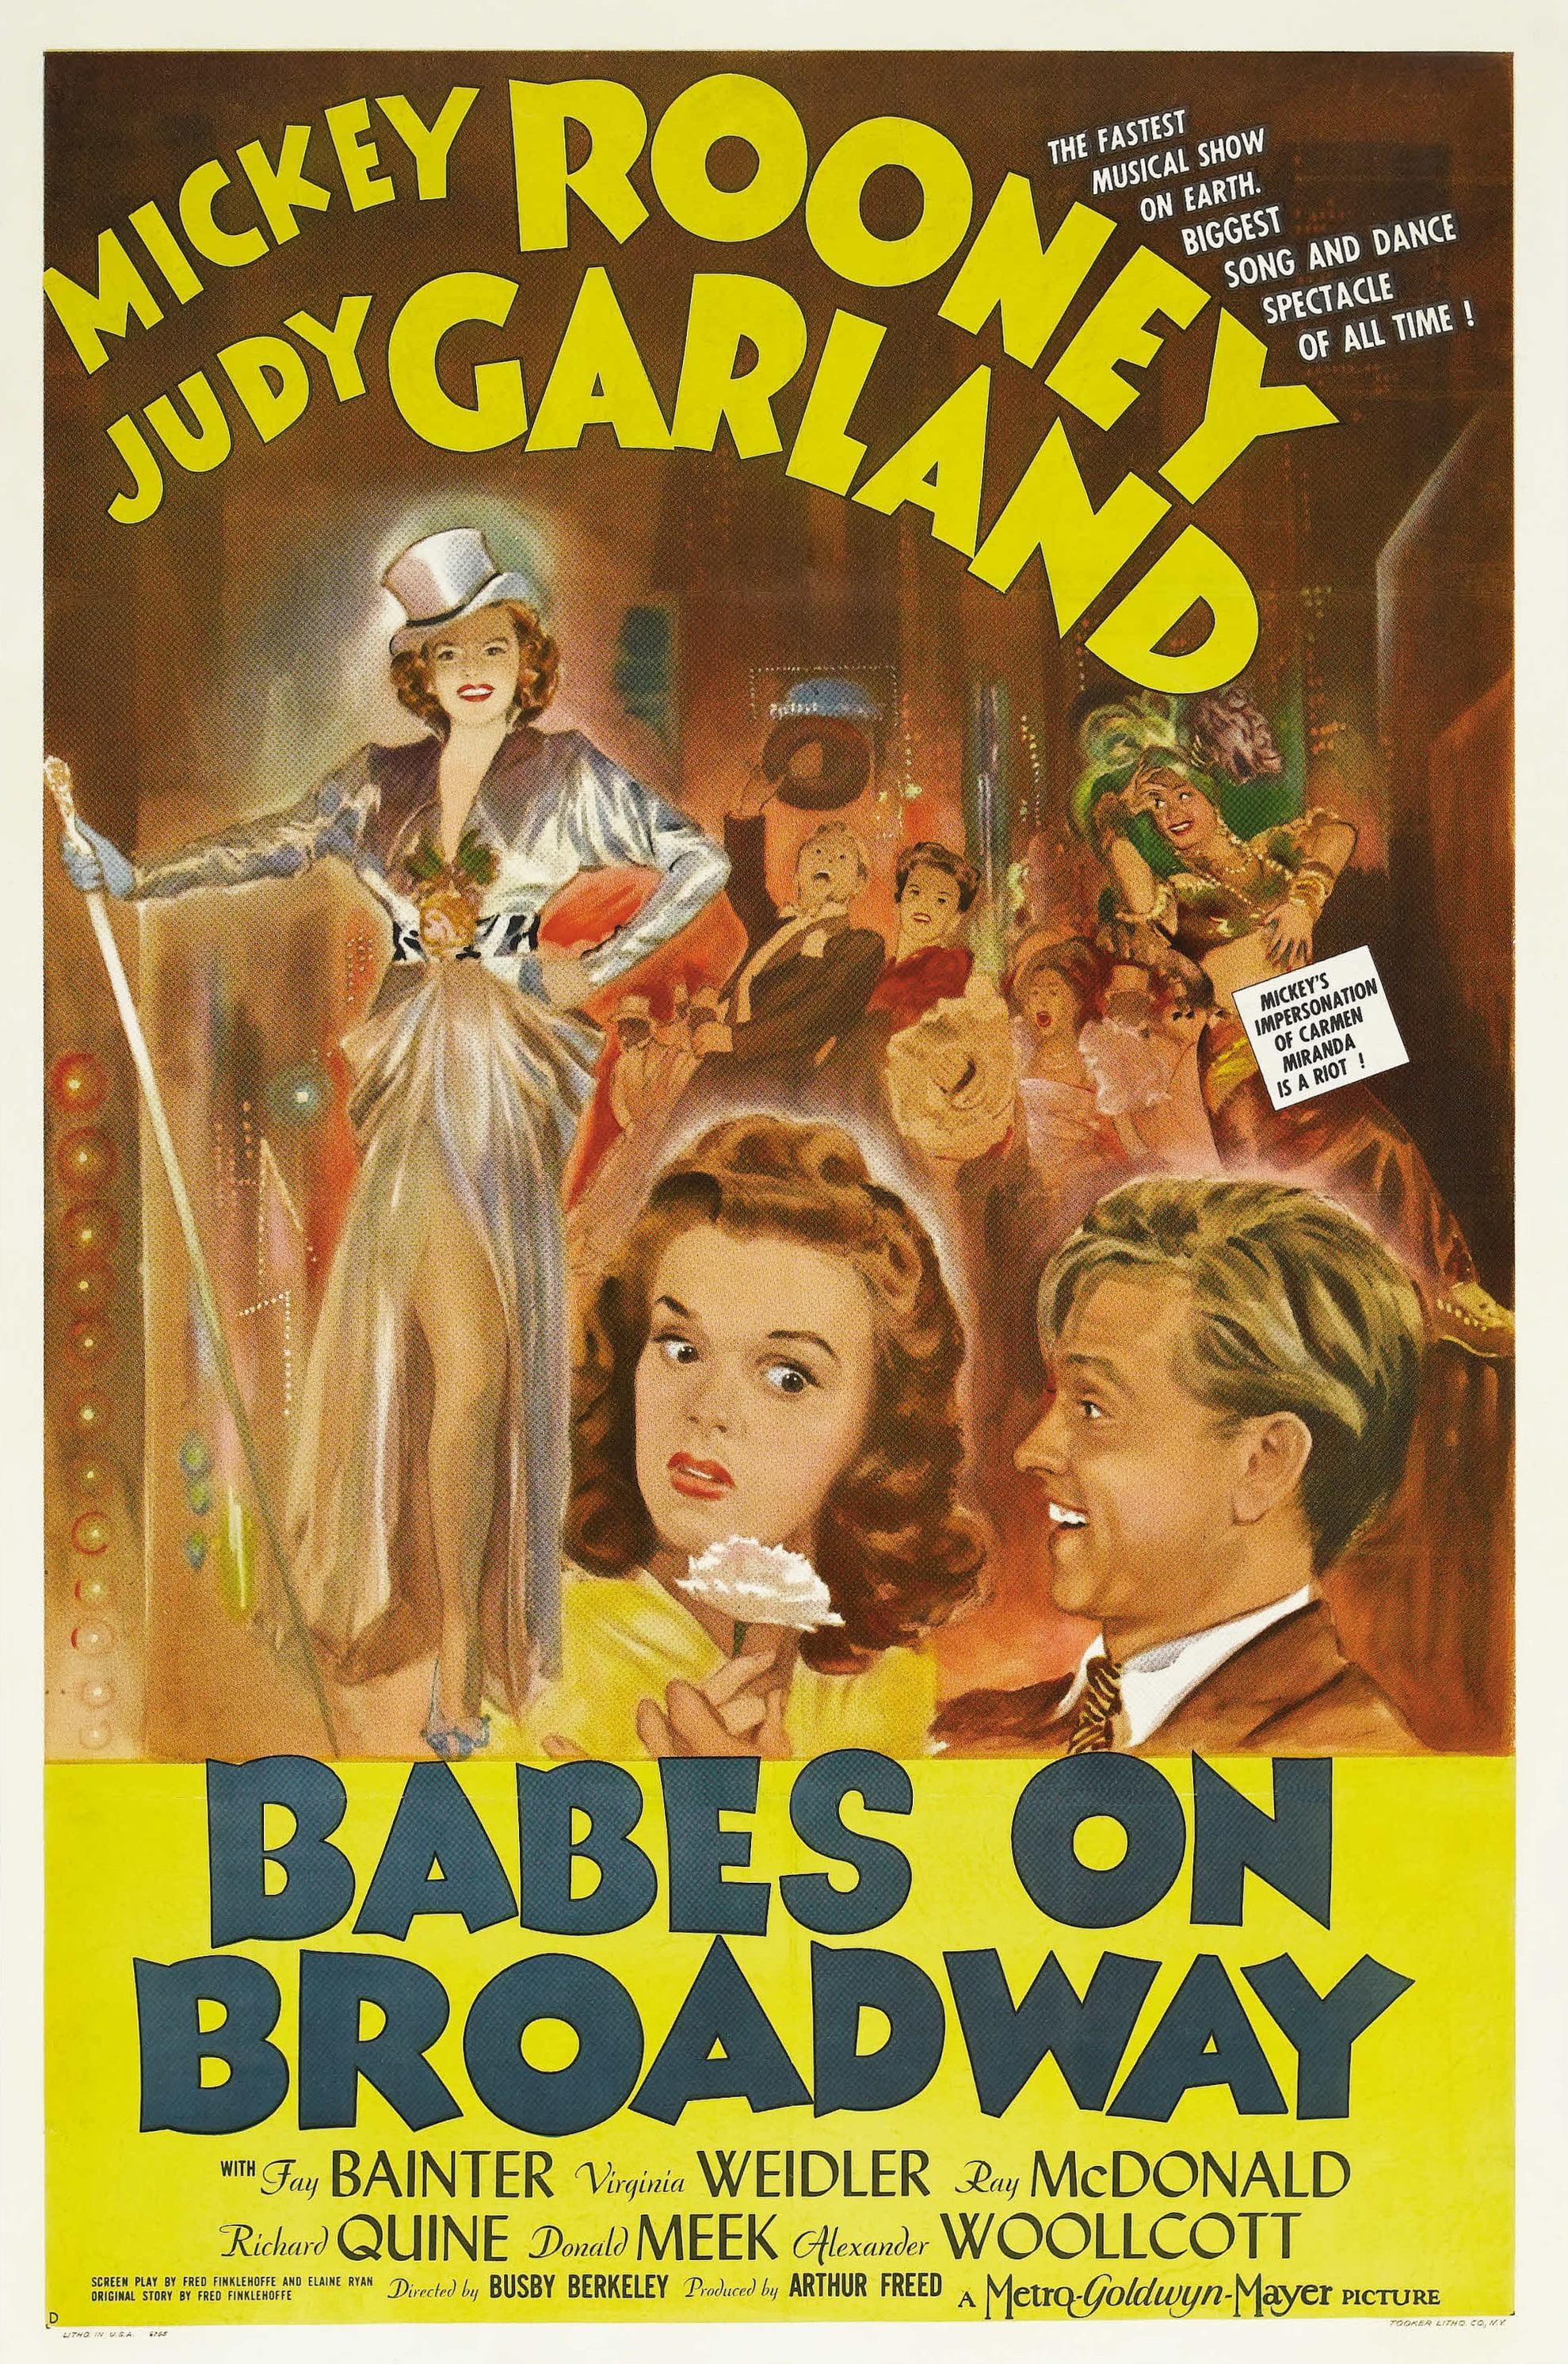 El gran post del cine clásico....que no caiga en el olvido - Página 5 Babes_on_broadwaymp